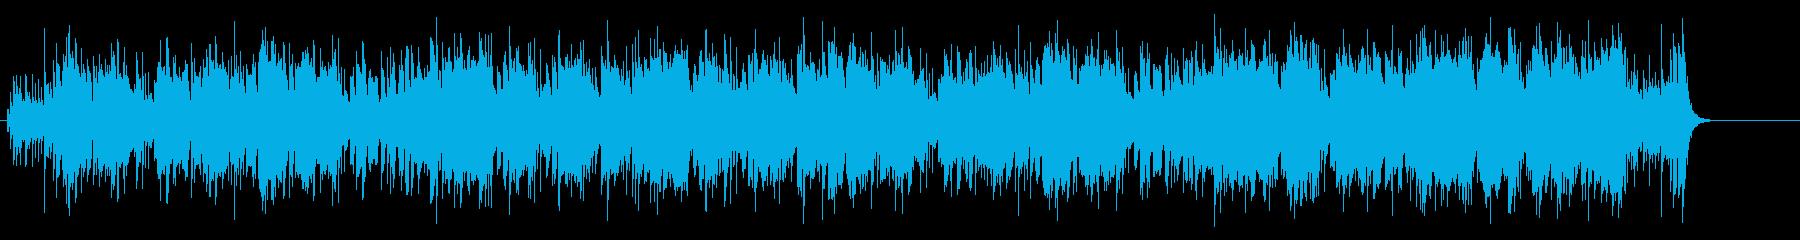 哀愁のレゲエ風マイナーBGMの再生済みの波形